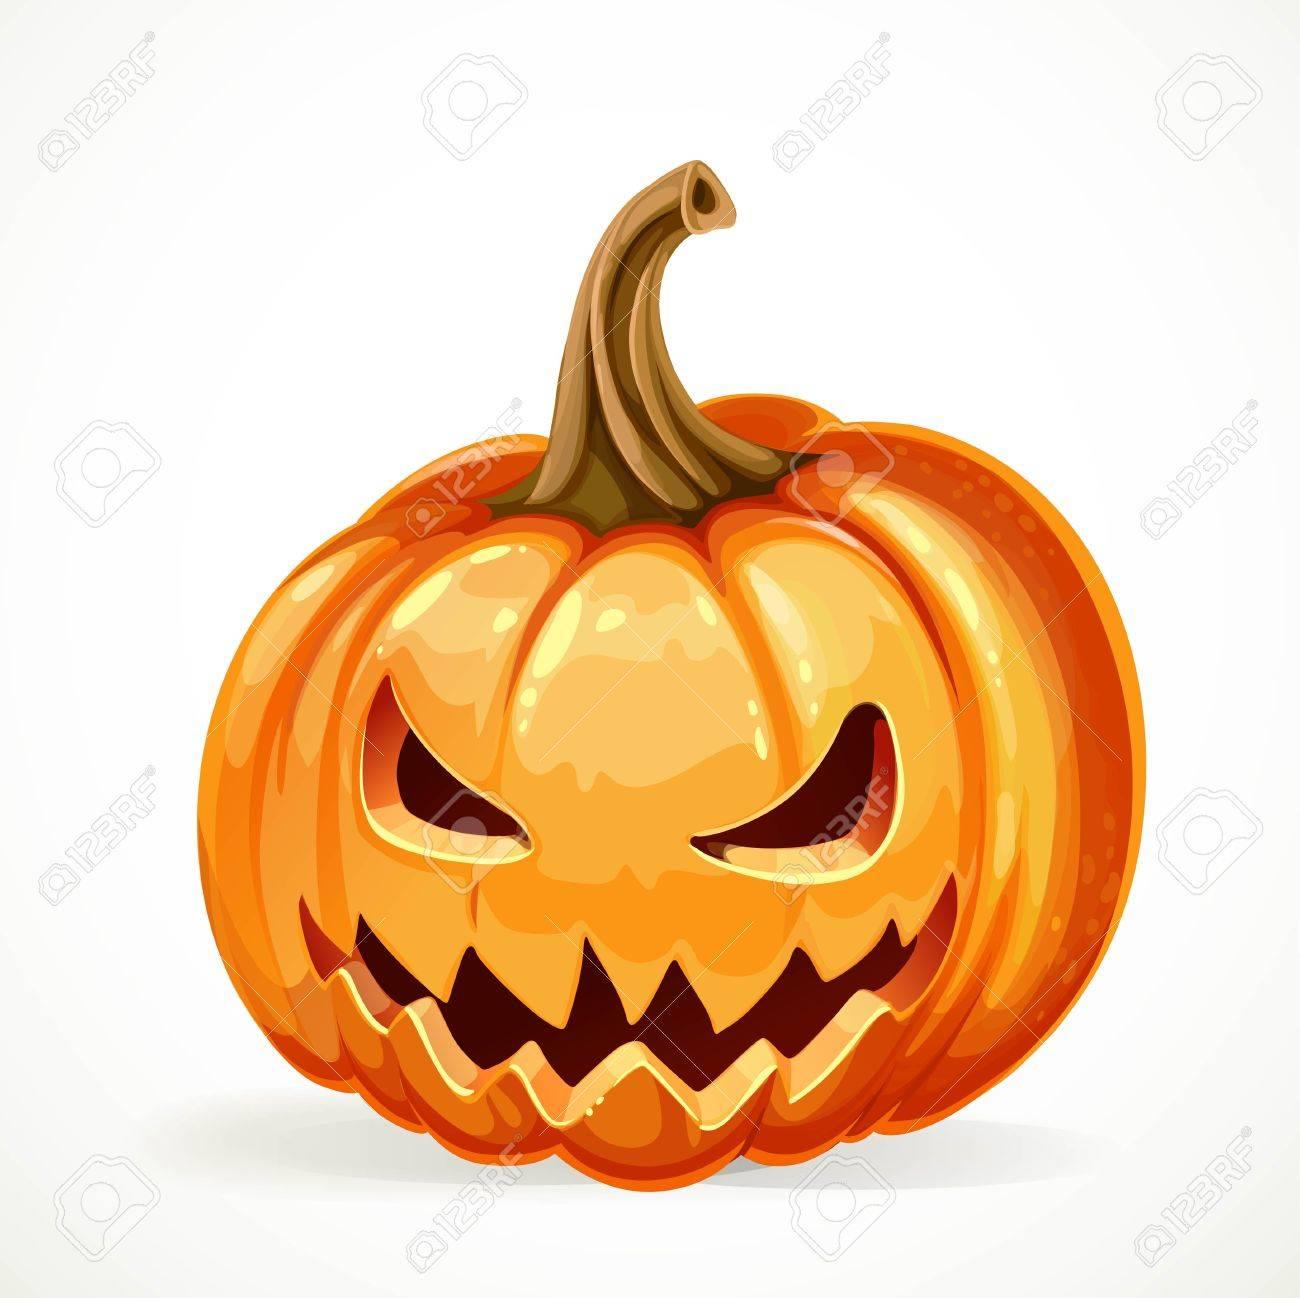 Halloween Kurbis Mit Geschnitzten Grinsen Isoliert Auf Weissem